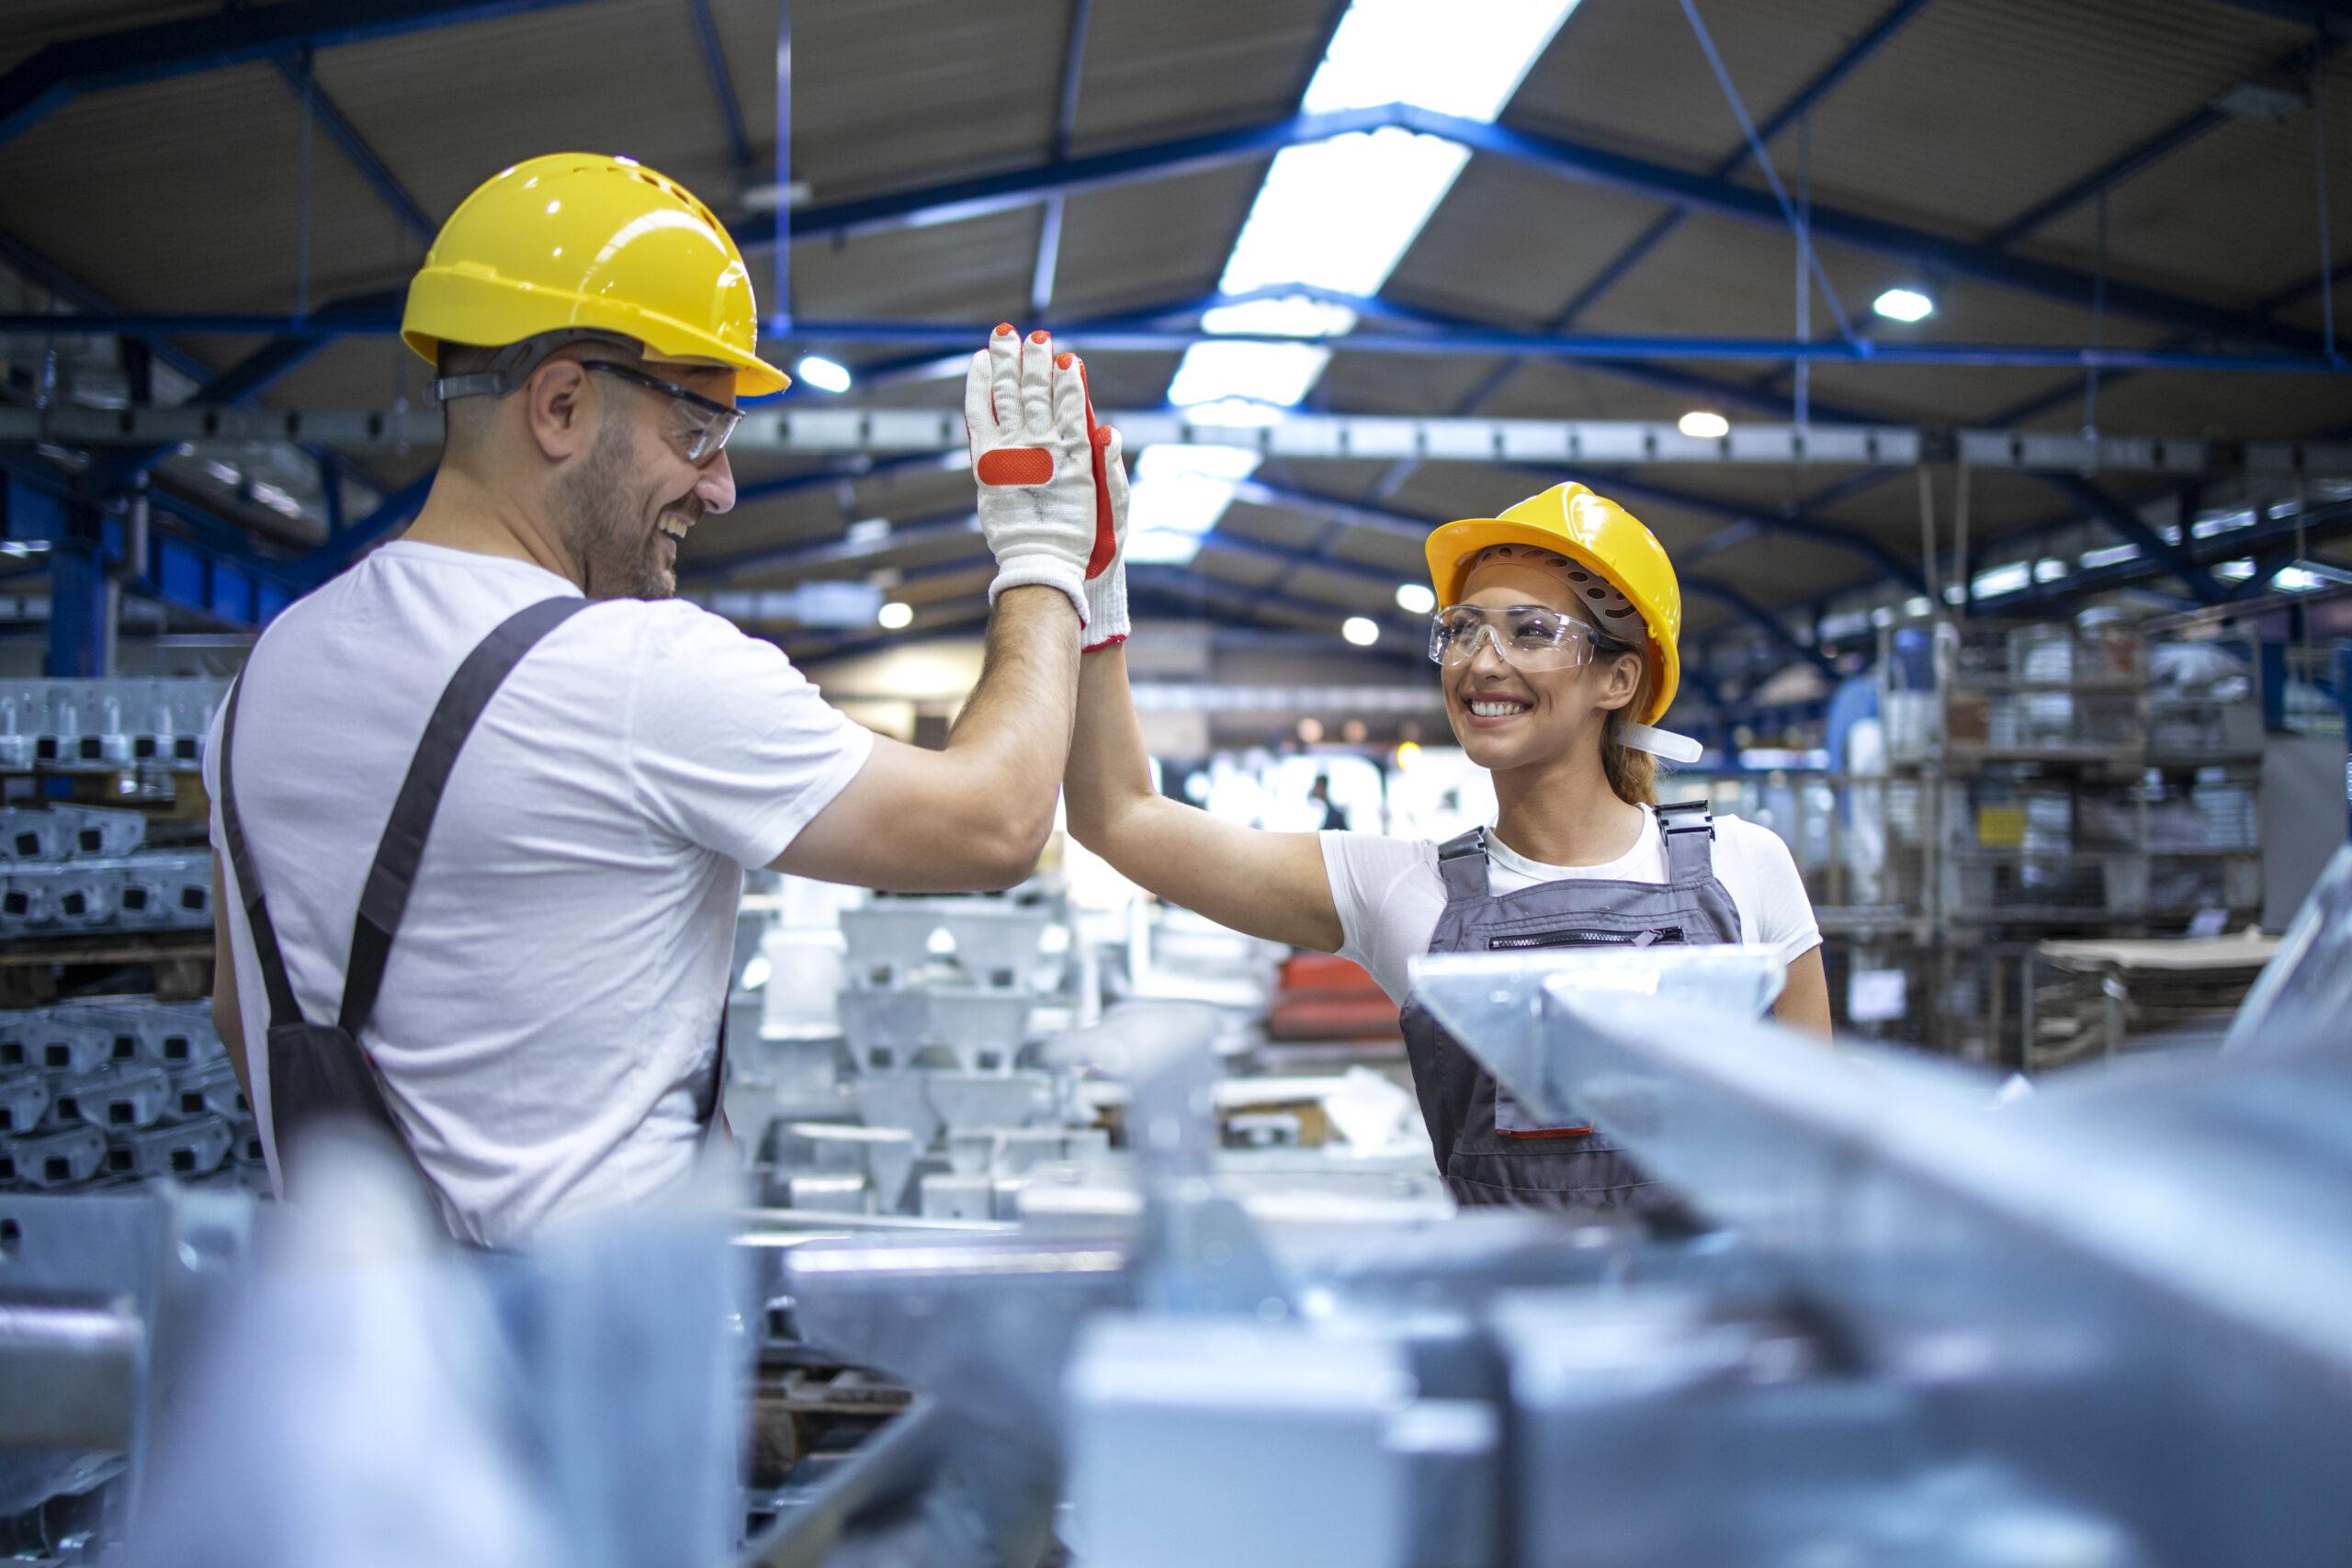 Tööamps – tuleviku töövorm, mis laseb valida töö tegemise aega, kohta ja mahtu 2